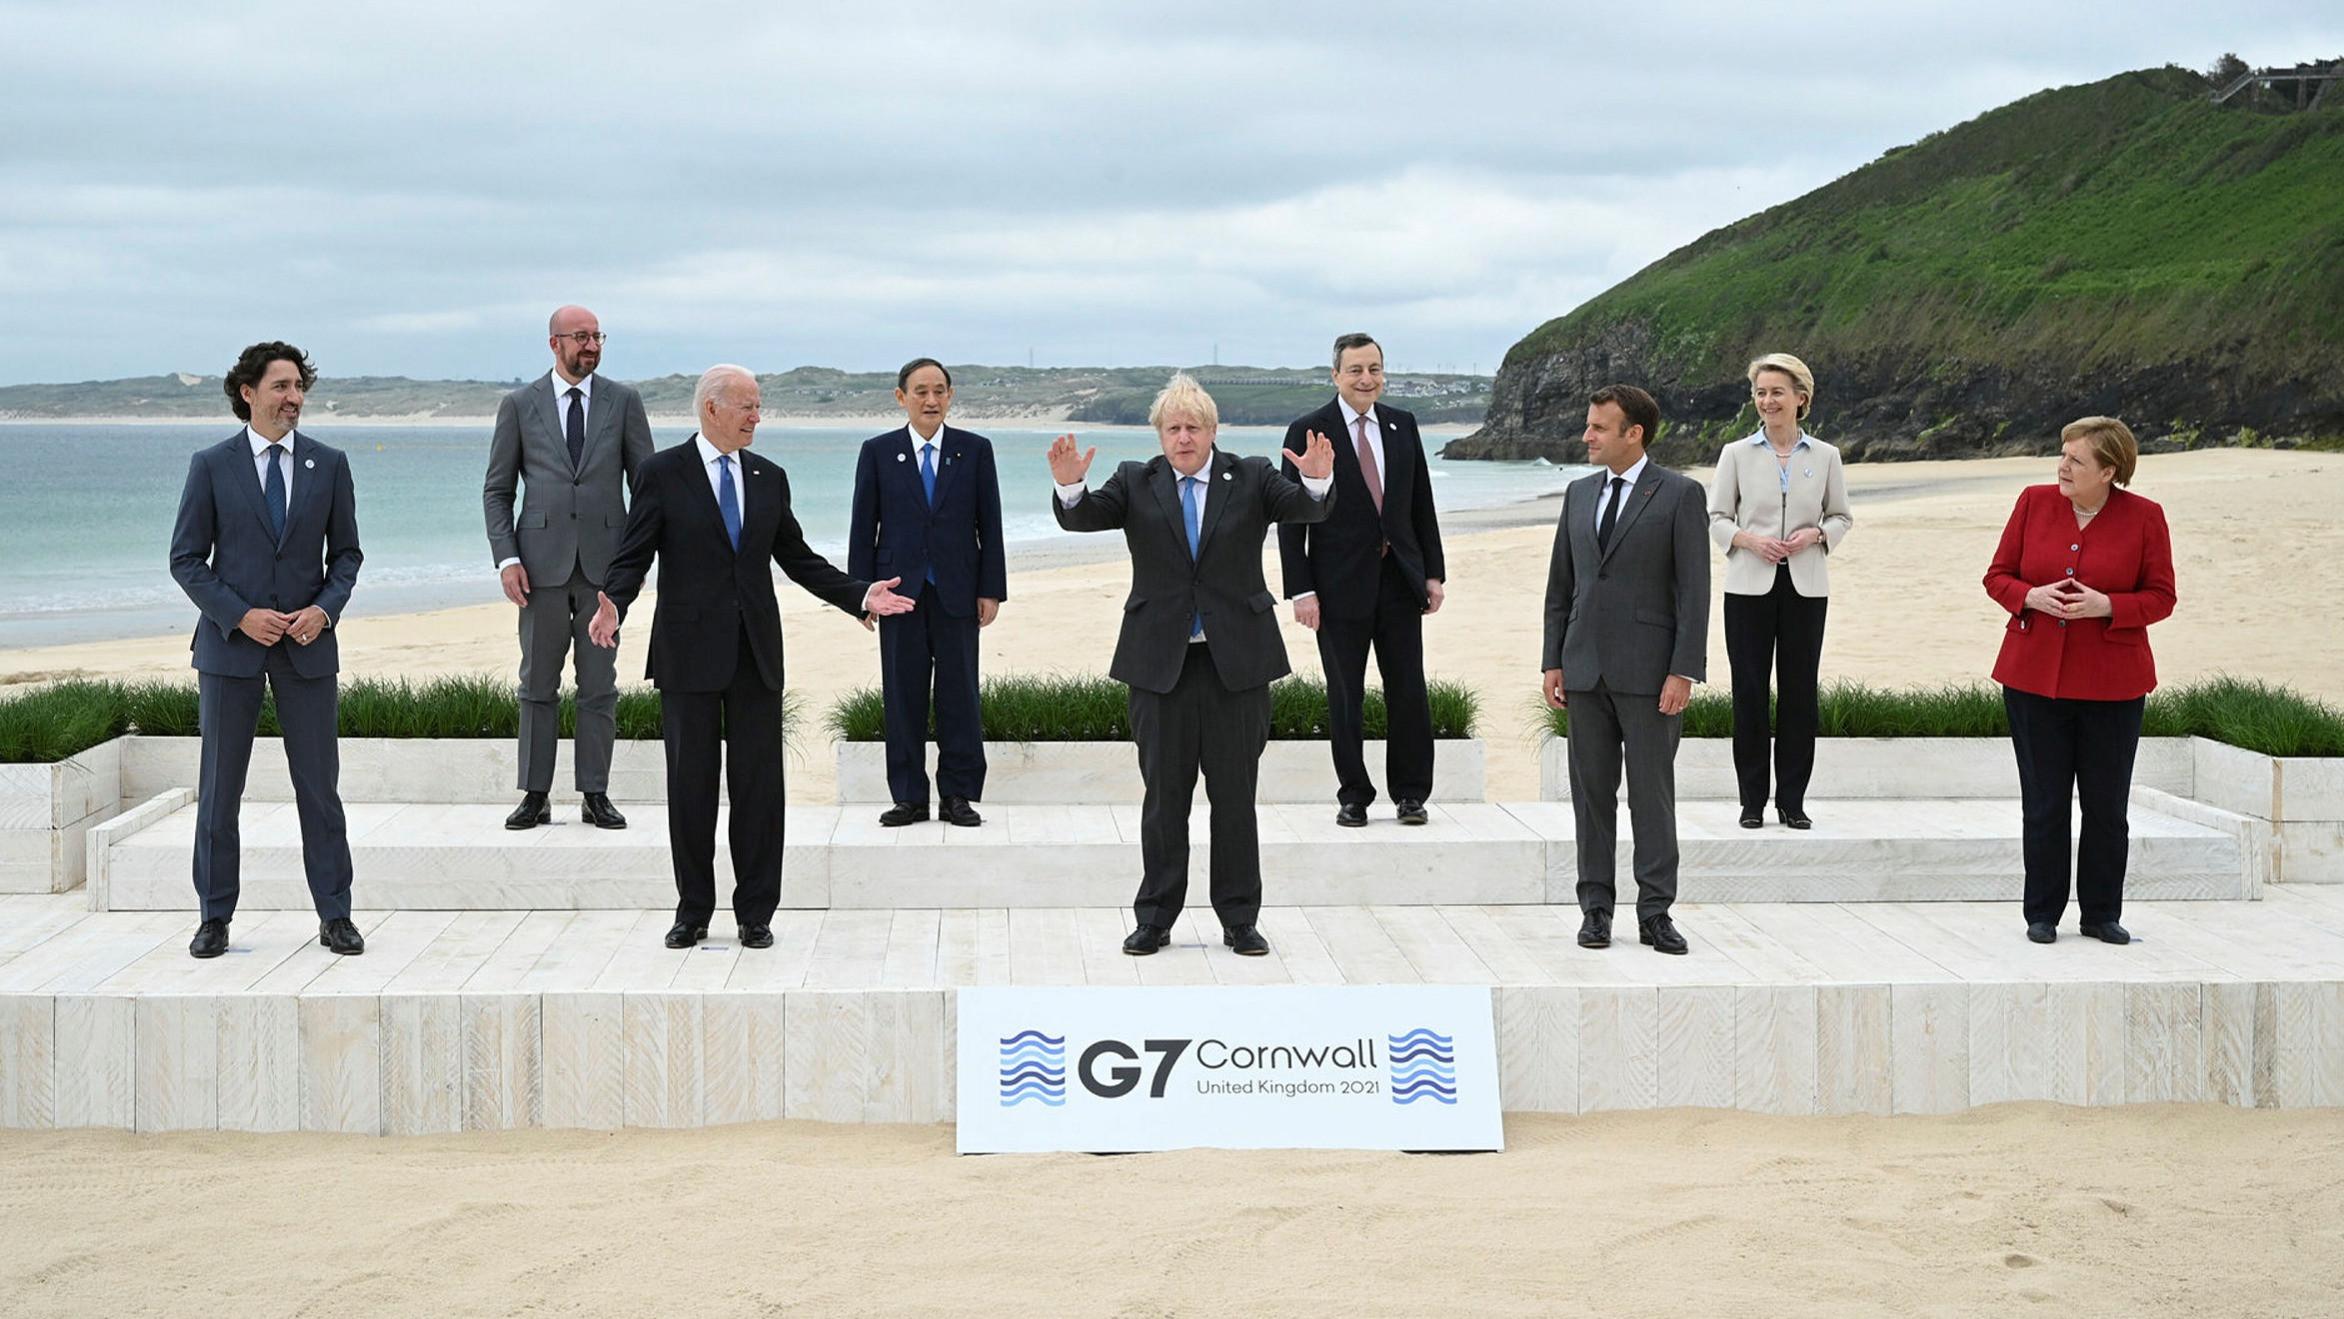 el-g7-mostro-mas-interes-en-los-valores-que-en-la-ayuda-monetaria